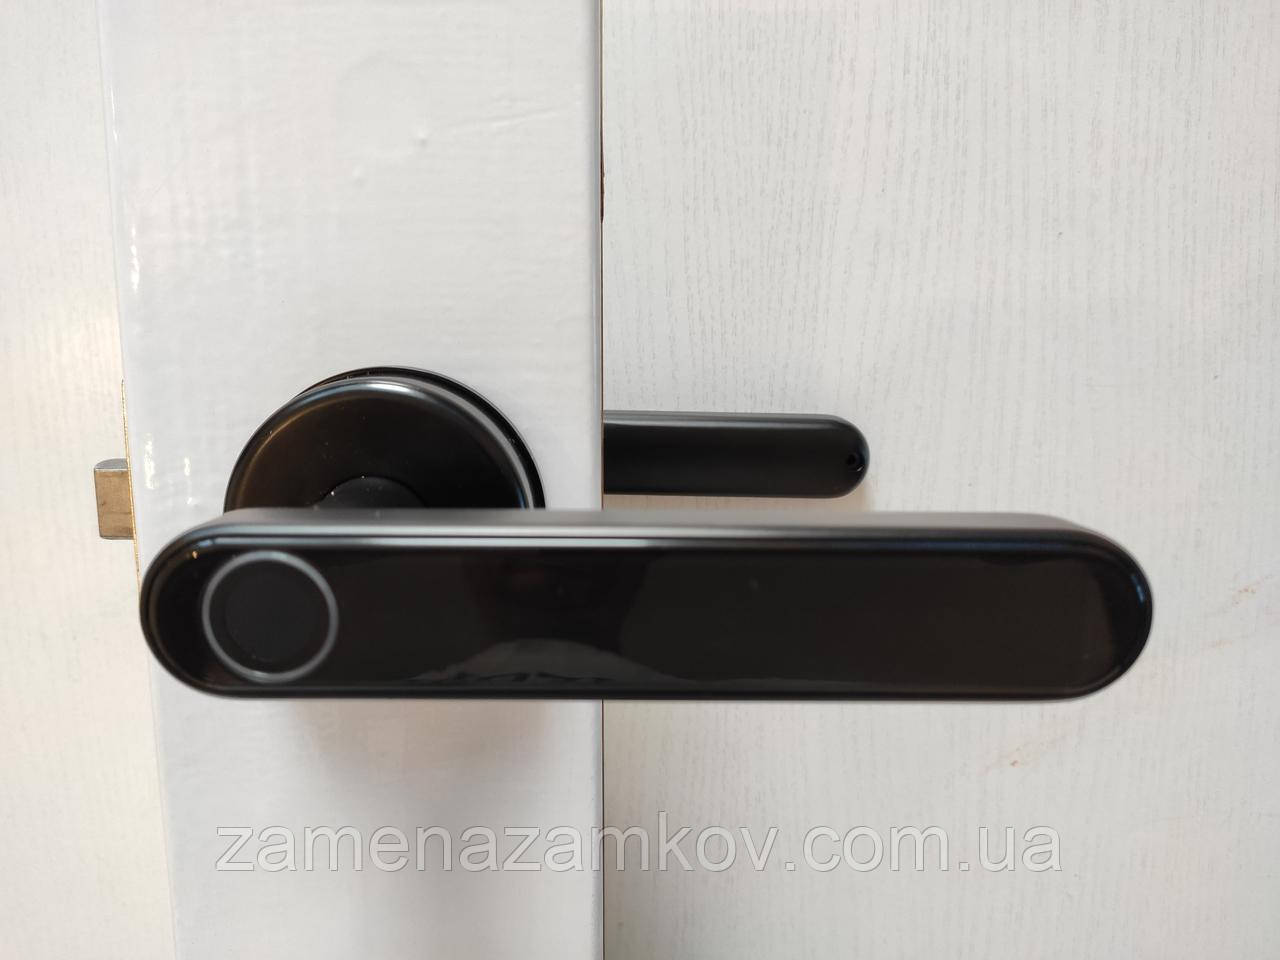 Акция! кодовый замок с отпечатком пальца, кодовый замок-ручка TTLock биометрический